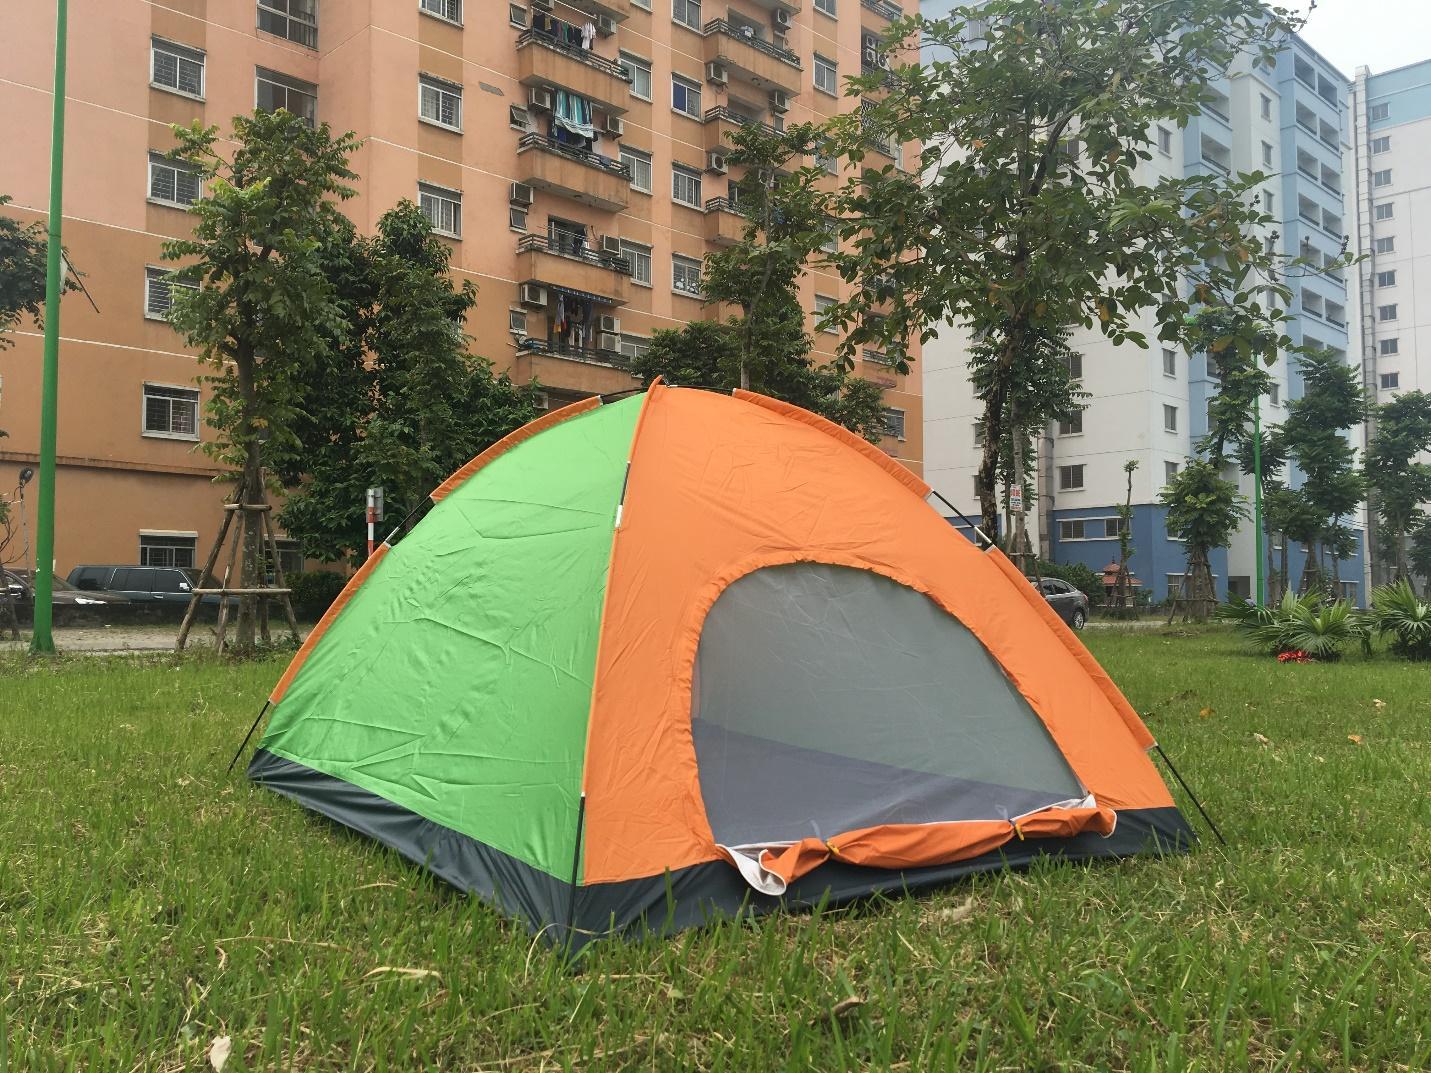 Dịch vụ thuê lều cắm trại tại xứ Nẫu có gì đặc biệt?